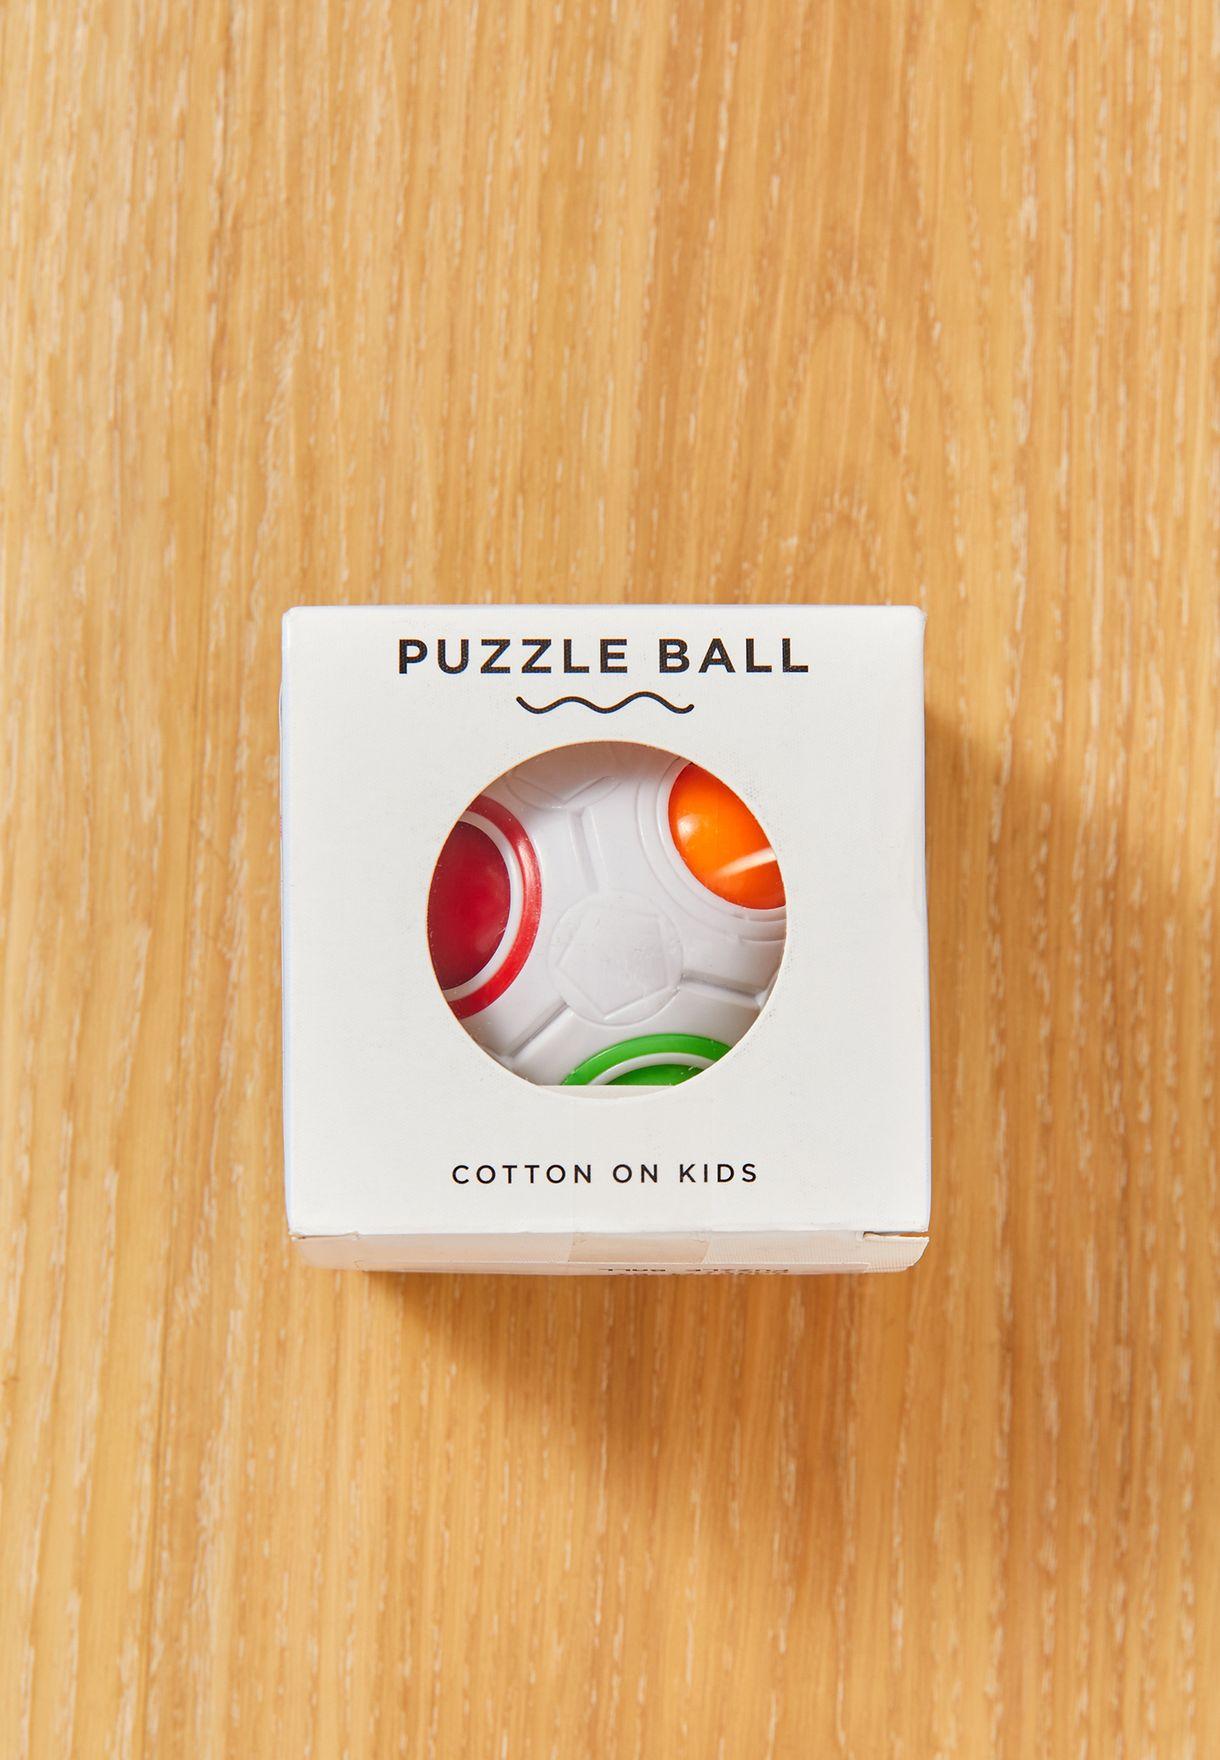 كرة لعبة تركيب